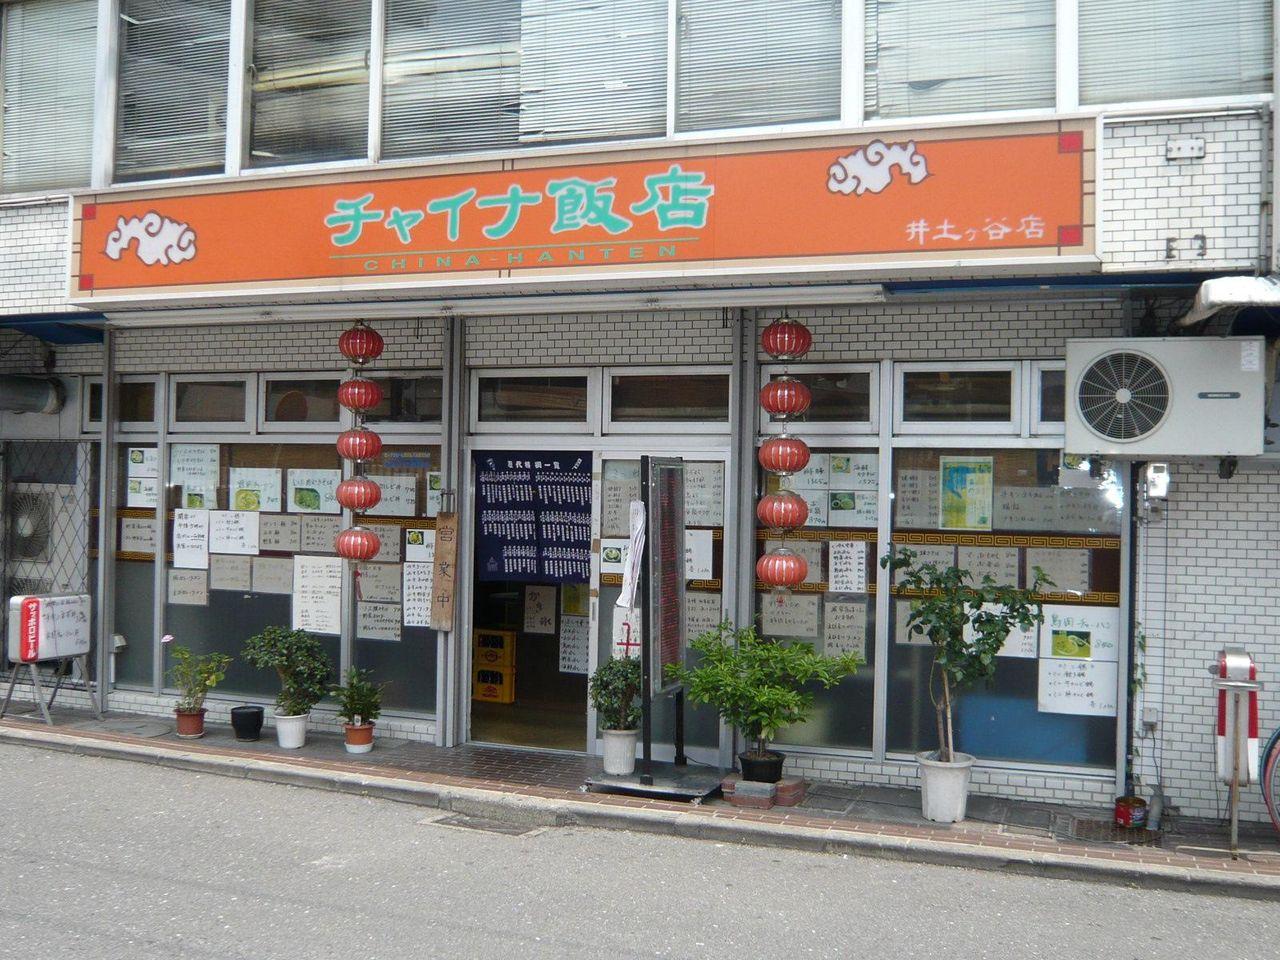 ごく普通の大衆中華料理店に見えますが・・・実はデカ盛り店なんです!